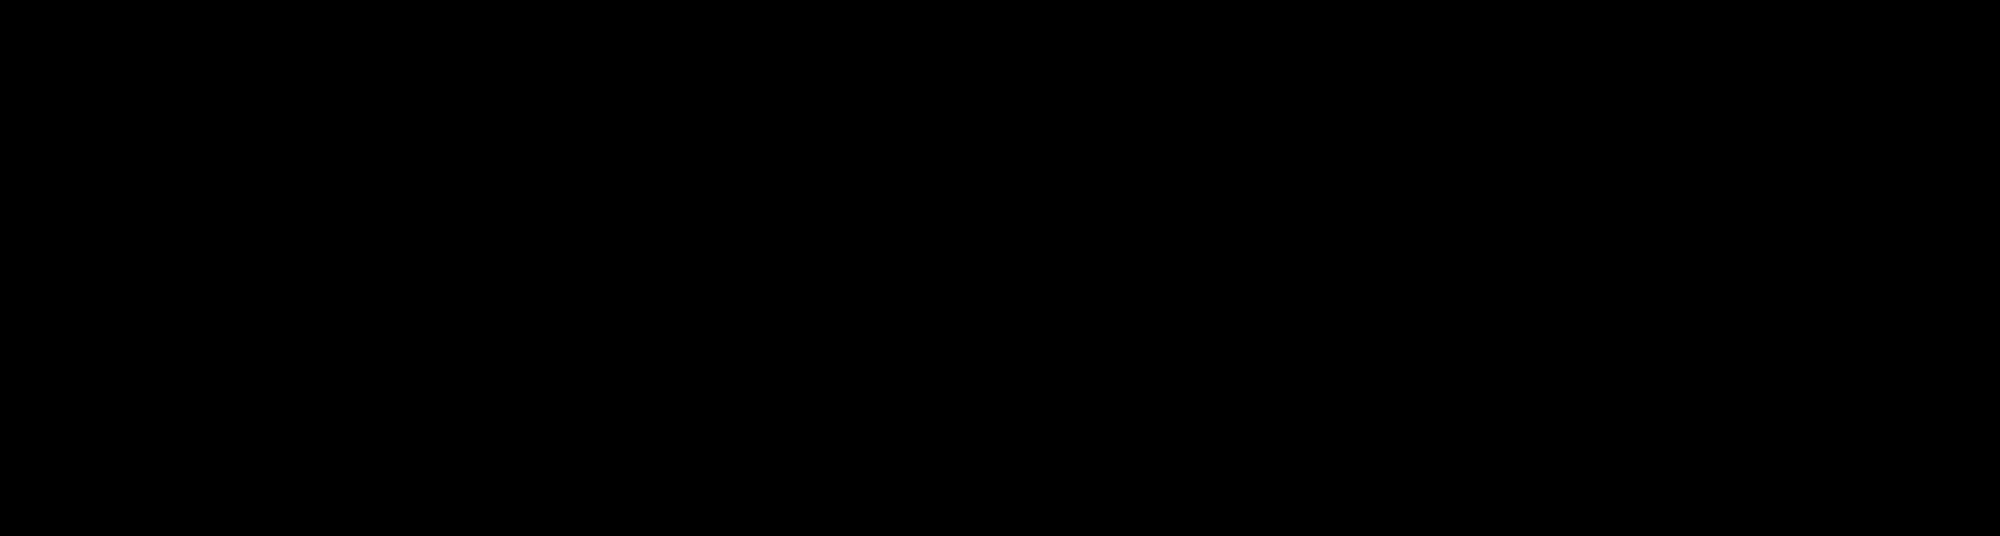 DON CADORA-logo-black (1).png